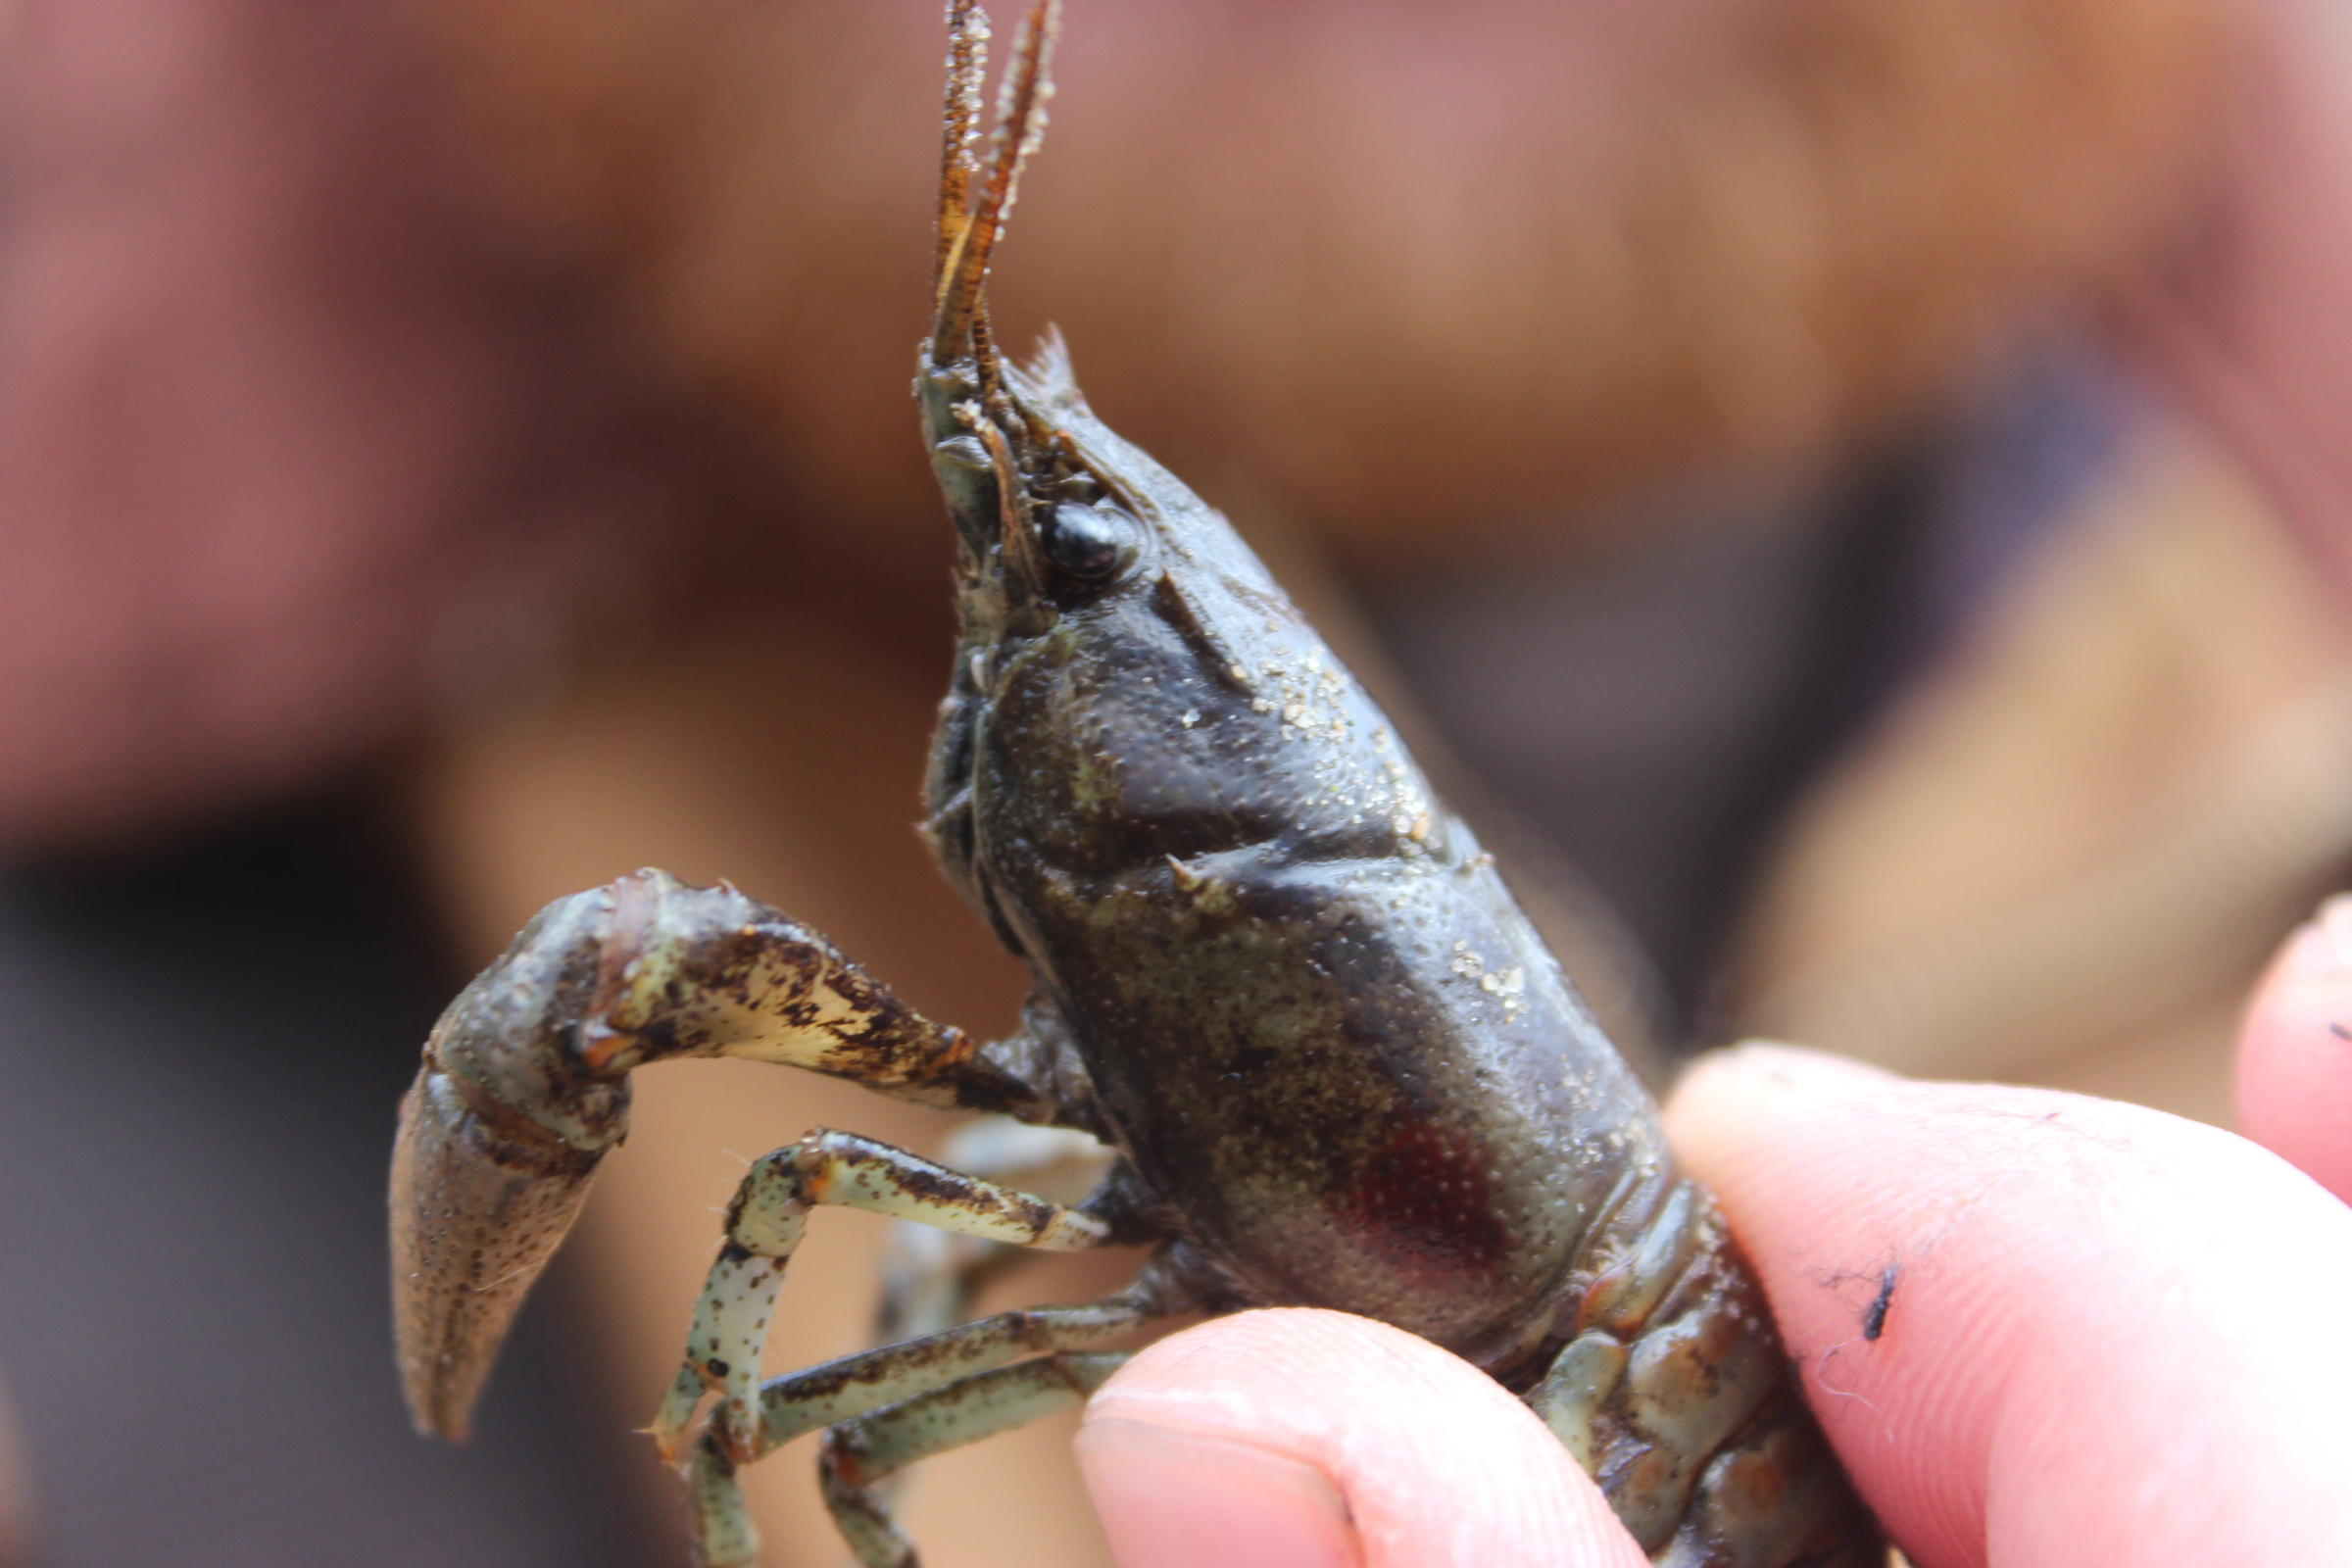 Crawfish étouff�e, Anyone?